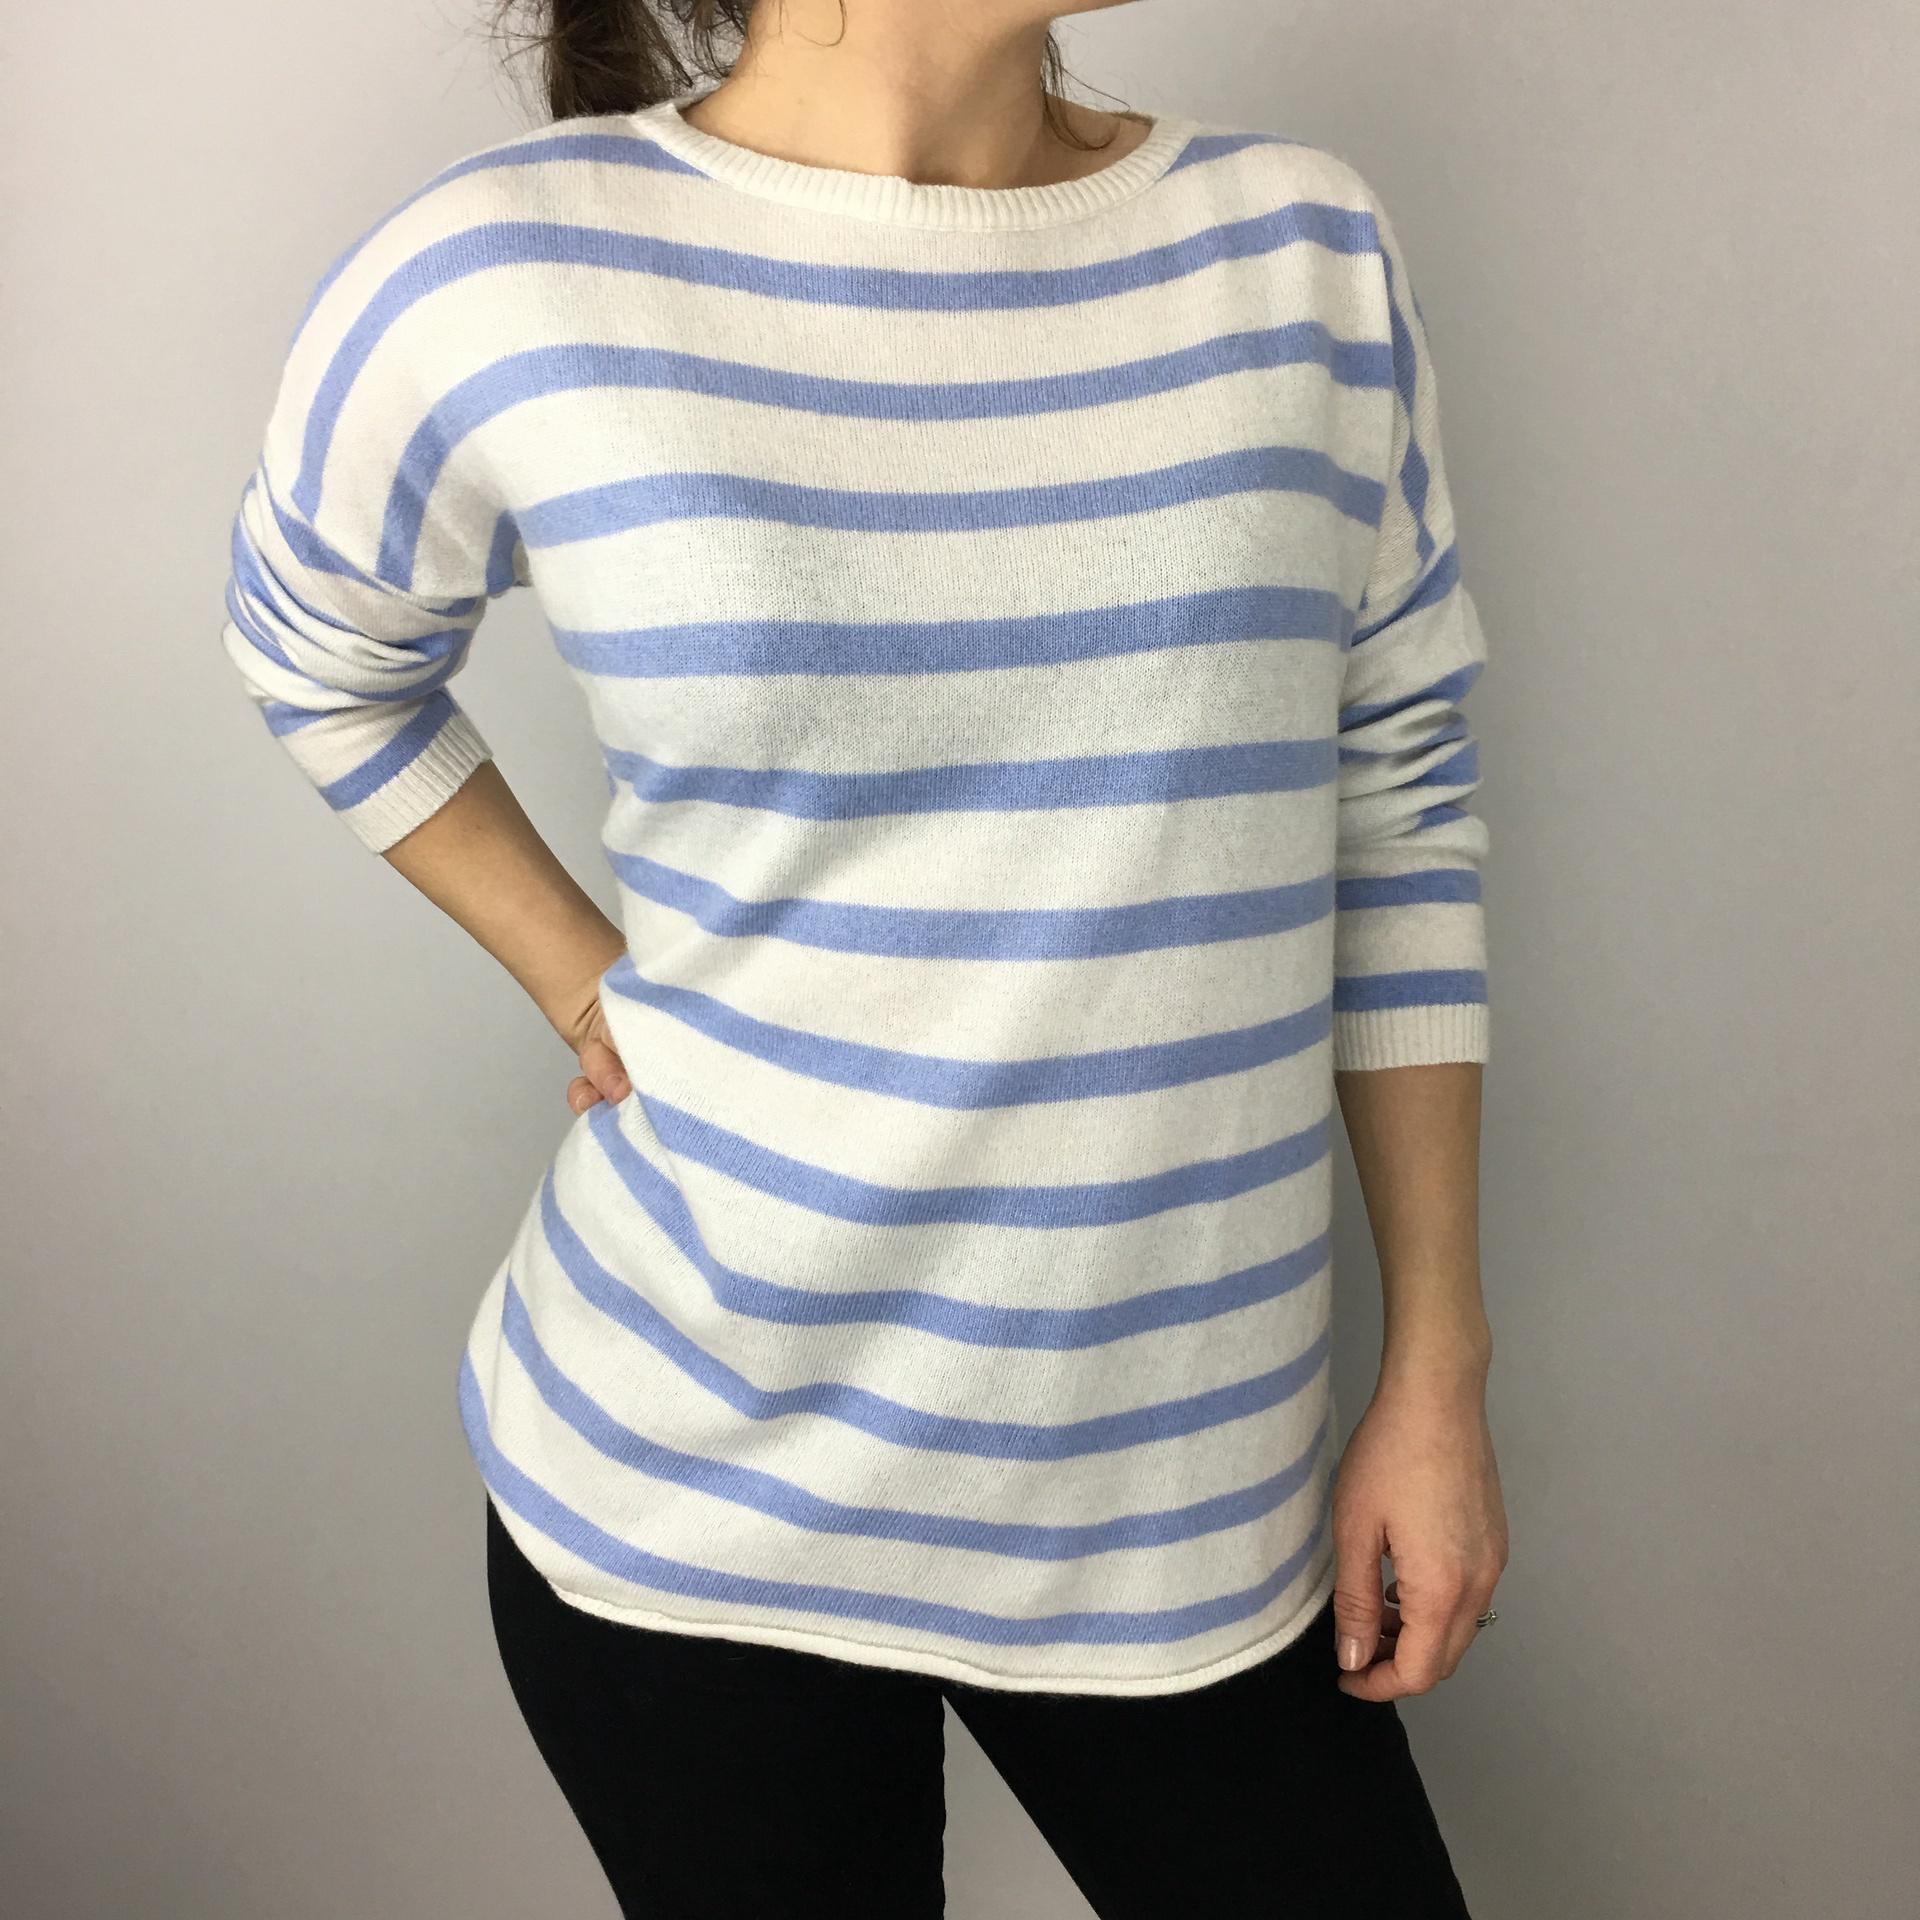 Luella Cashmere Breton Stripe - Blue